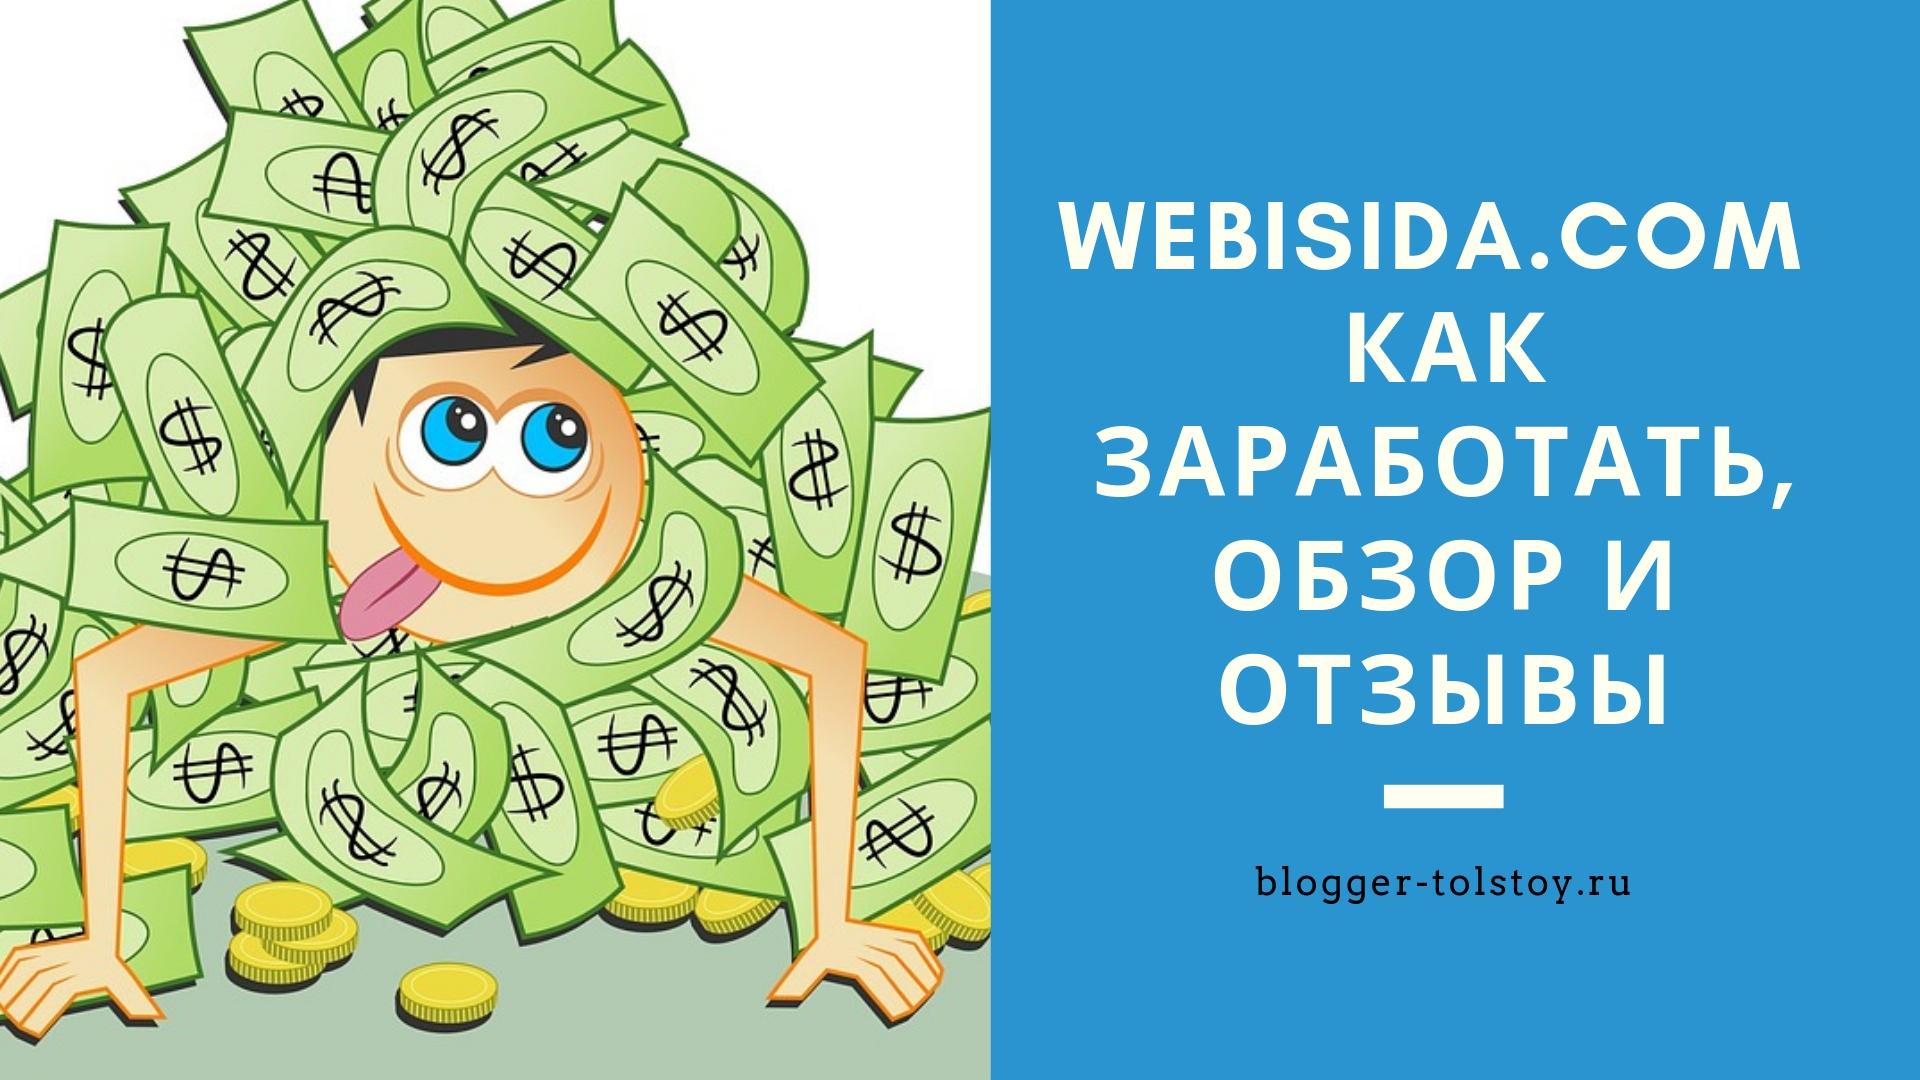 Webisida.com – как заработать, обзор и отзывы